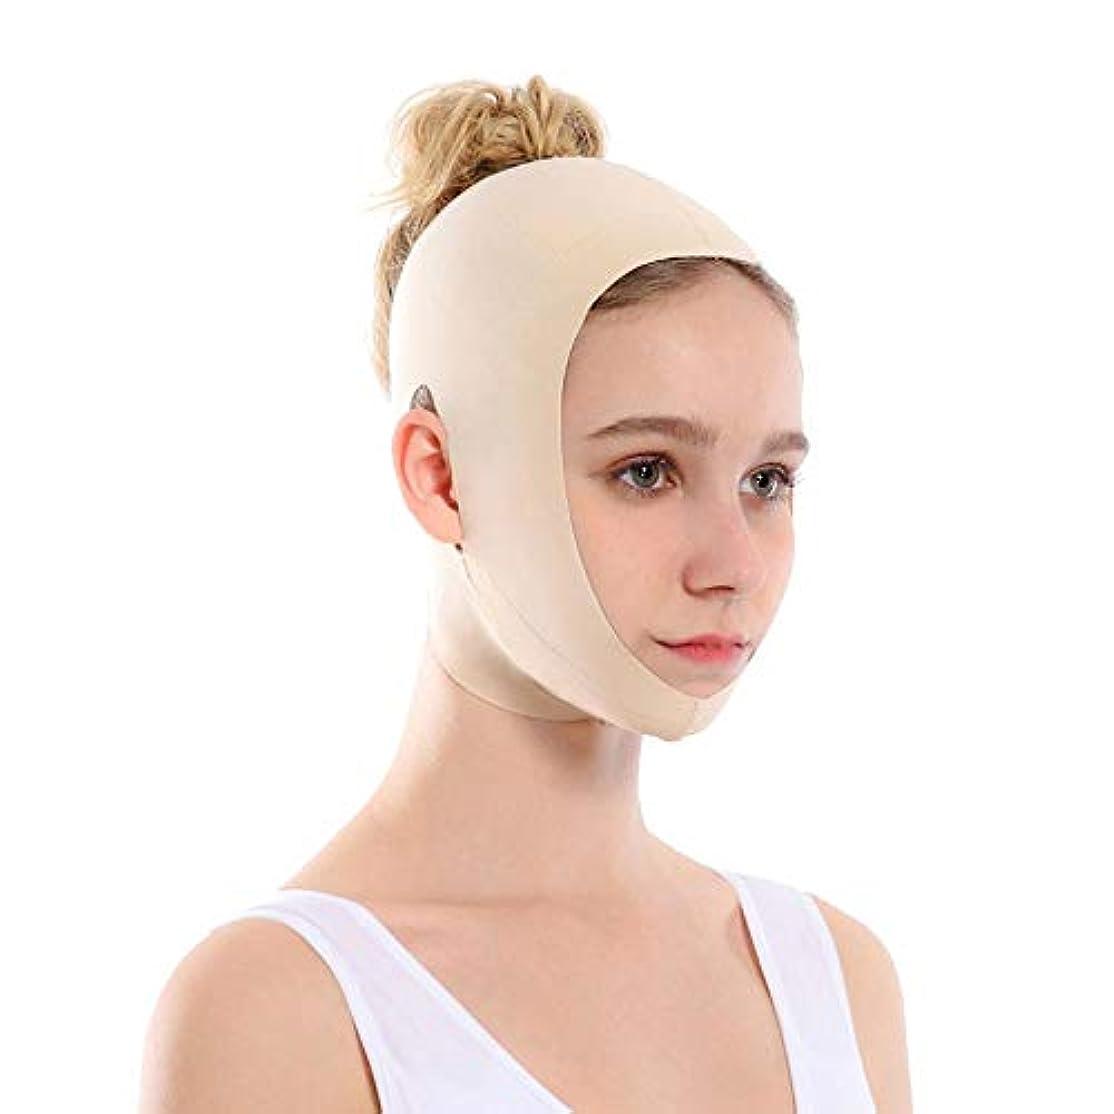 処理するバンク山岳Minmin 顔を持ち上げるアーティファクトVフェイス包帯リフティング引き締め睡眠薄い顔を整形持ち上げる顔を二重あご矯正 - 肌の色 みんみんVラインフェイスマスク